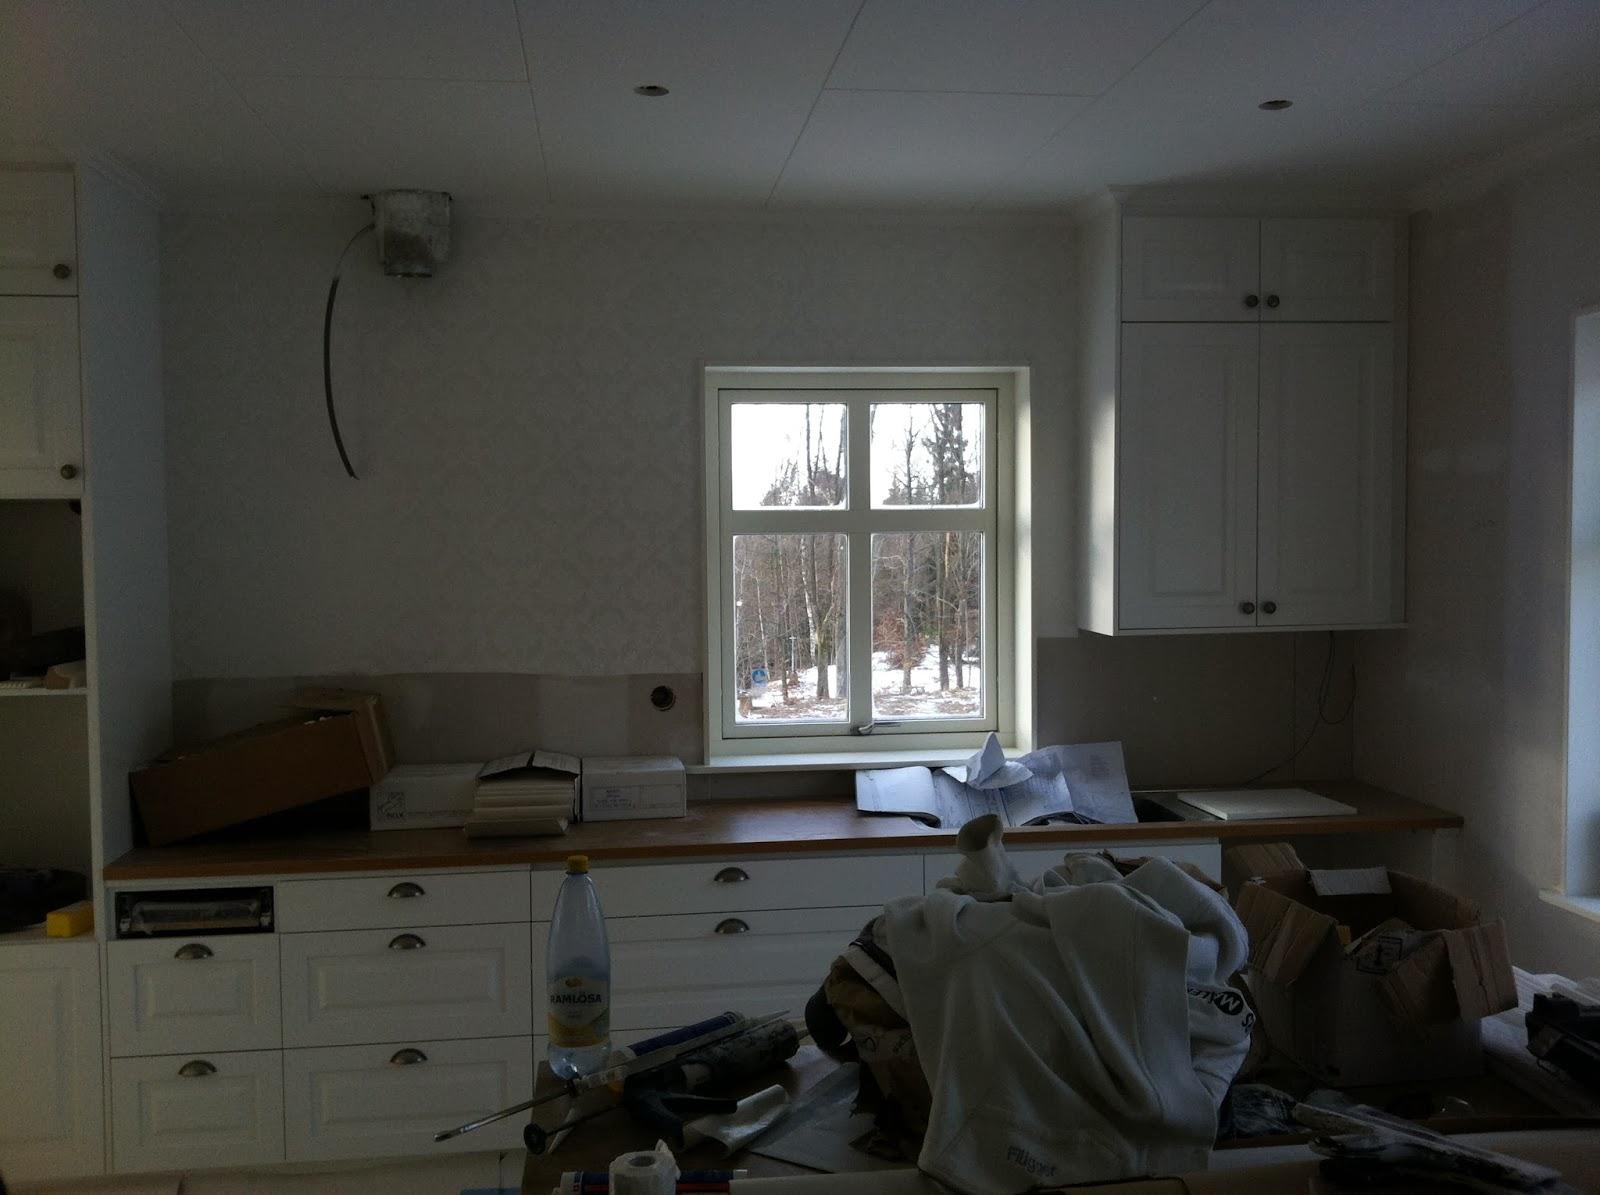 Vi bygger mjöbäcksvillans villa sörgården: januari 2014